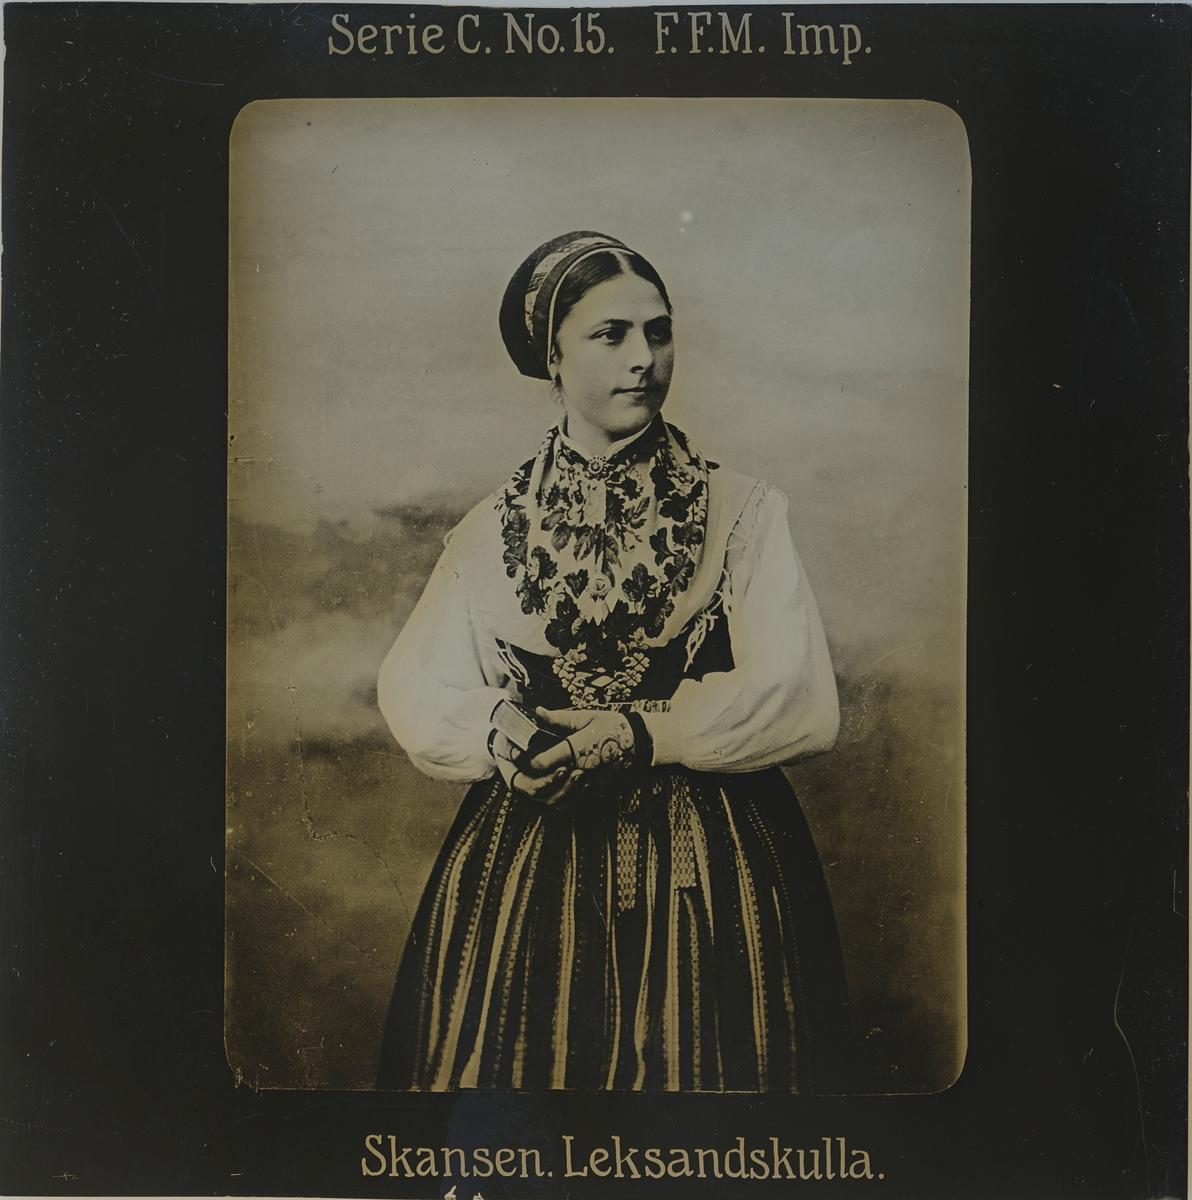 Kvinna iklädd folkdräkt från Leksand.